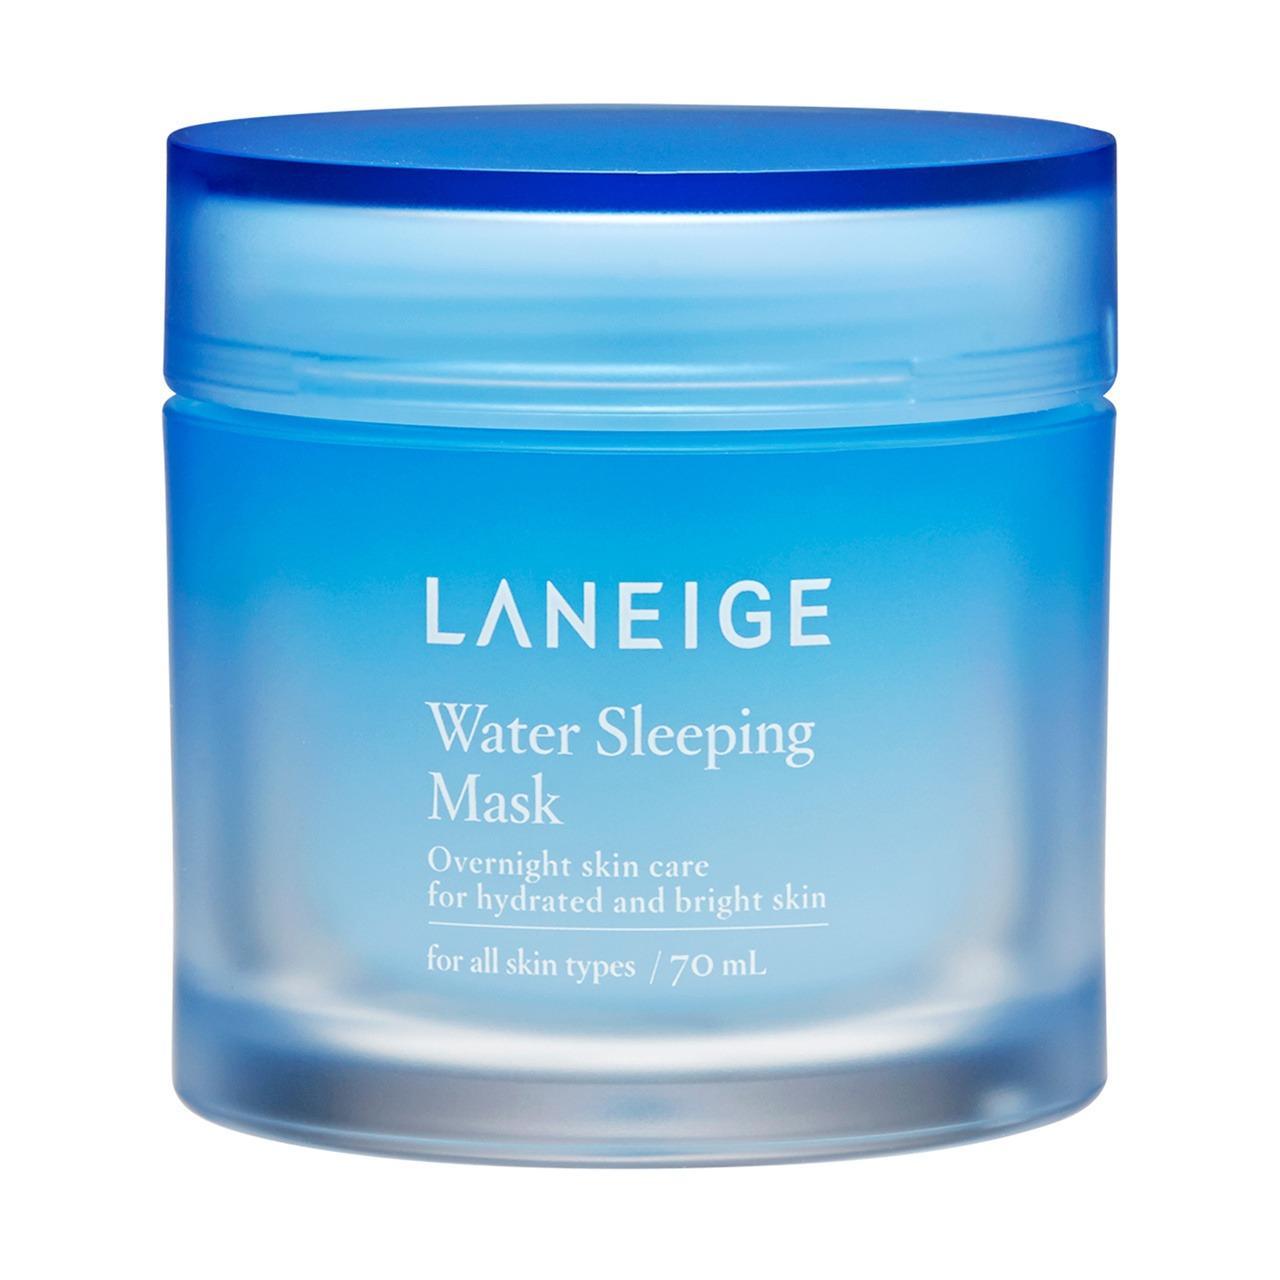 Laneige Water Sleeping Mask 70Ml Best Buy